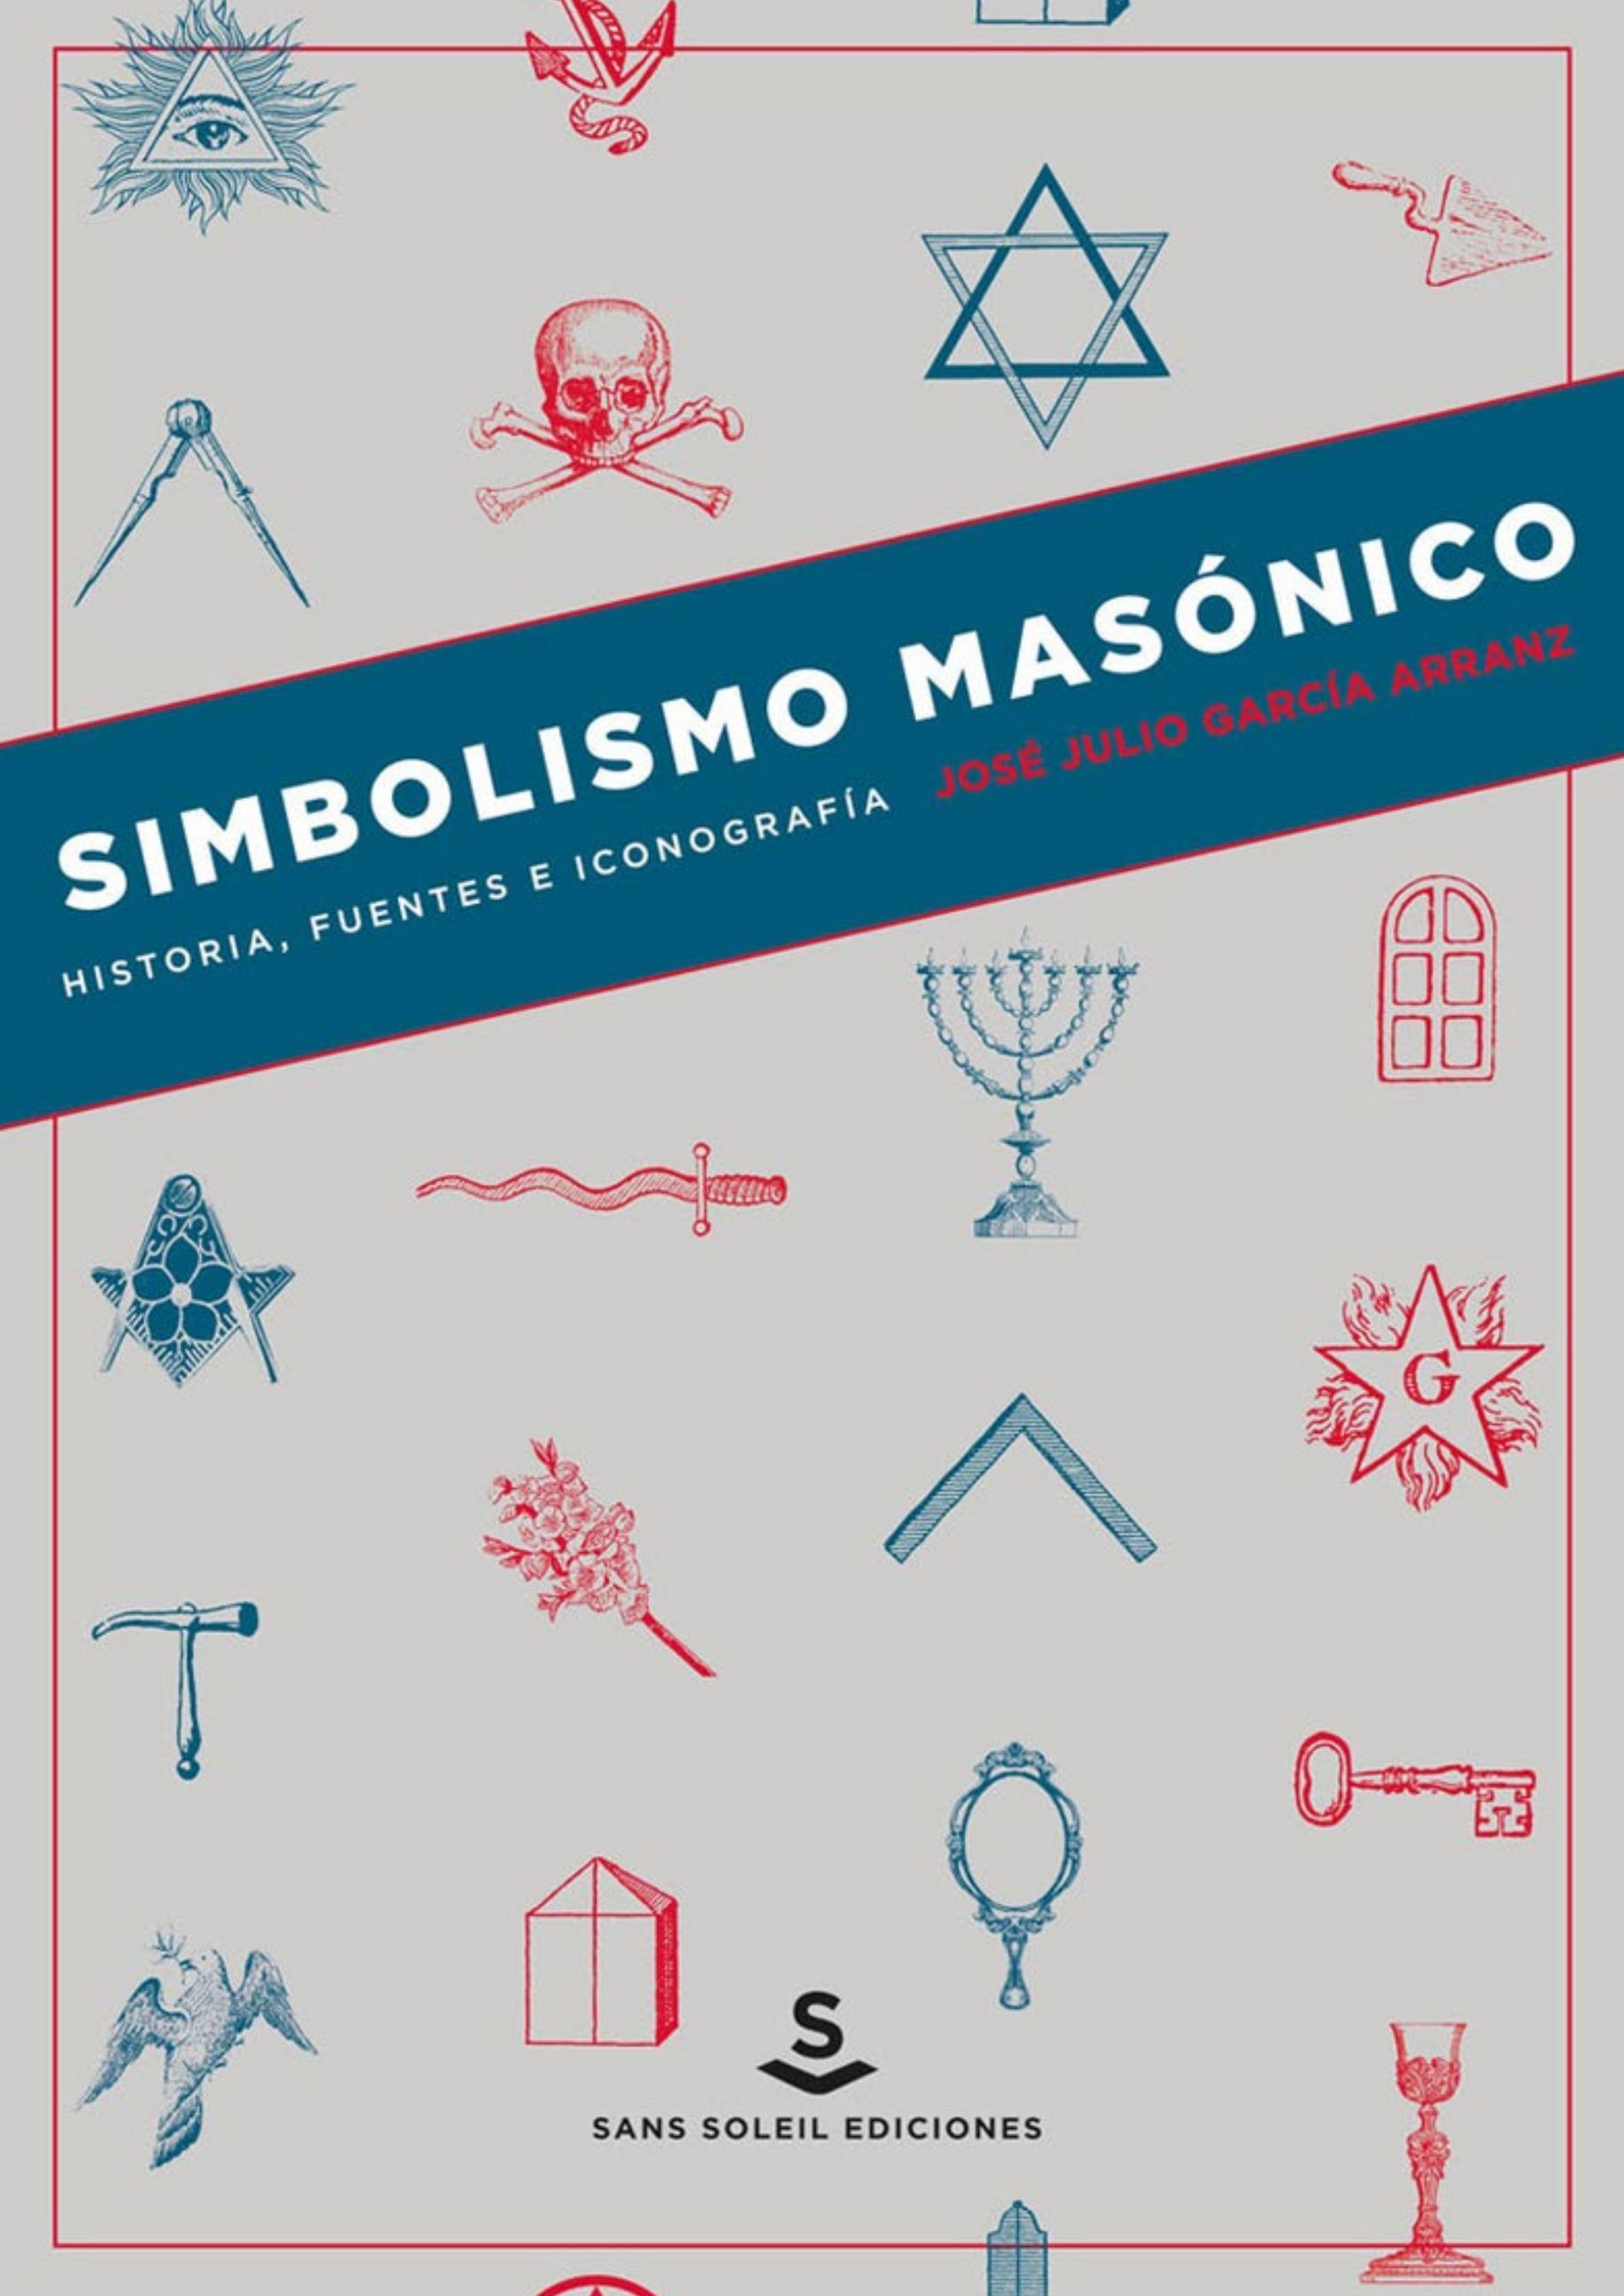 Simbolismo Masónico Historia Fuentes E Iconografía José Julio García Arranz By Sans Soleil Ediciones Issuu